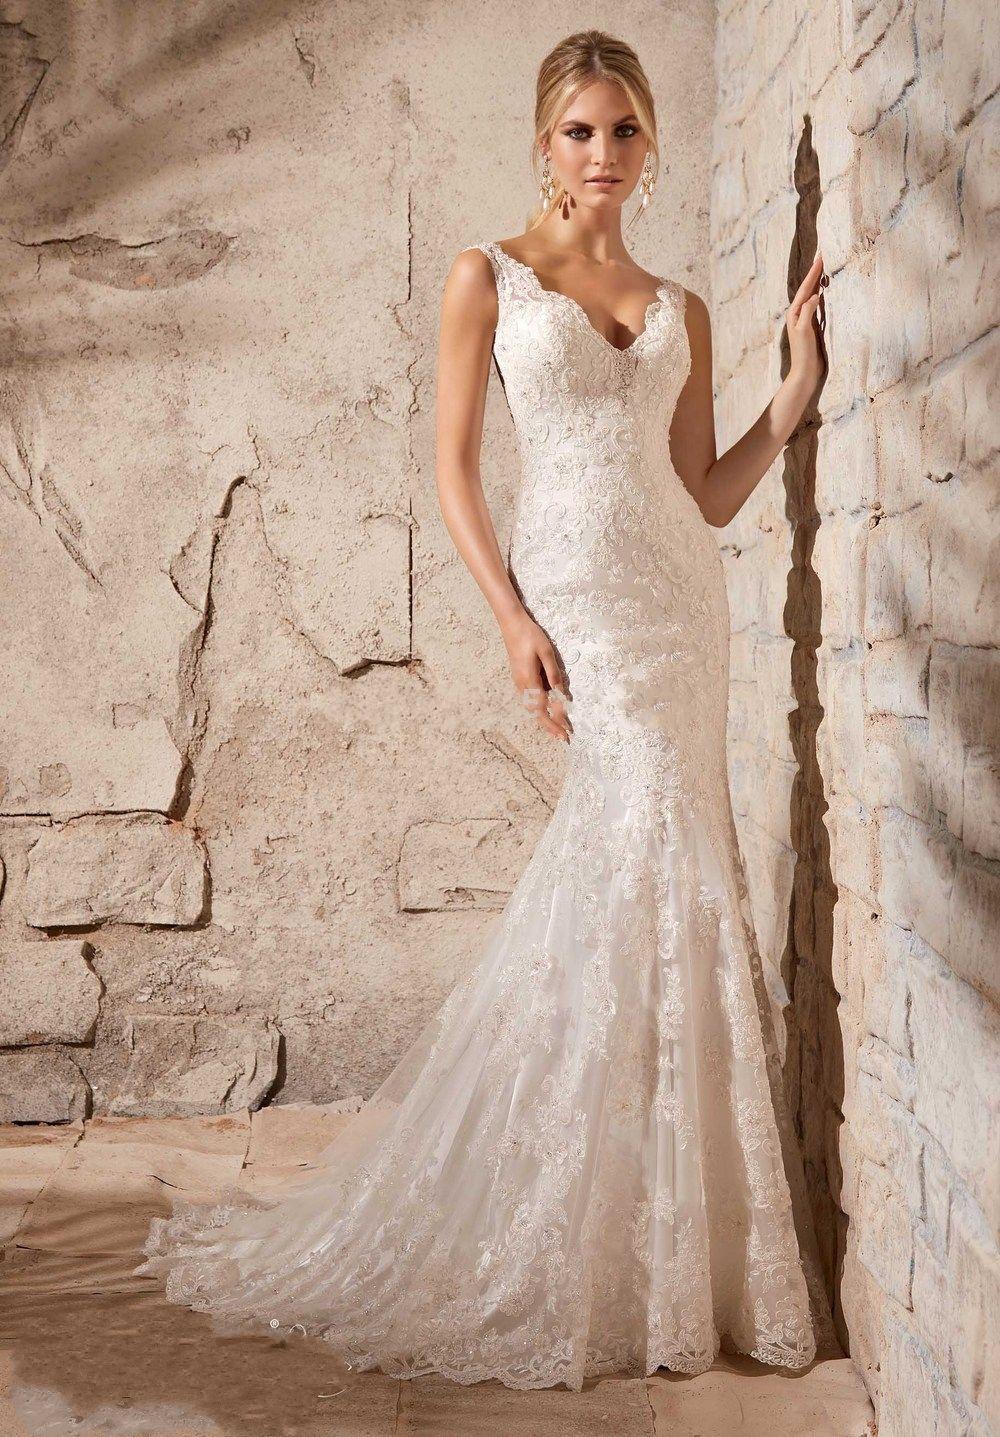 günstig Brautkleider, direkt vom chinesischen Anbieter kaufen: Sexy ...